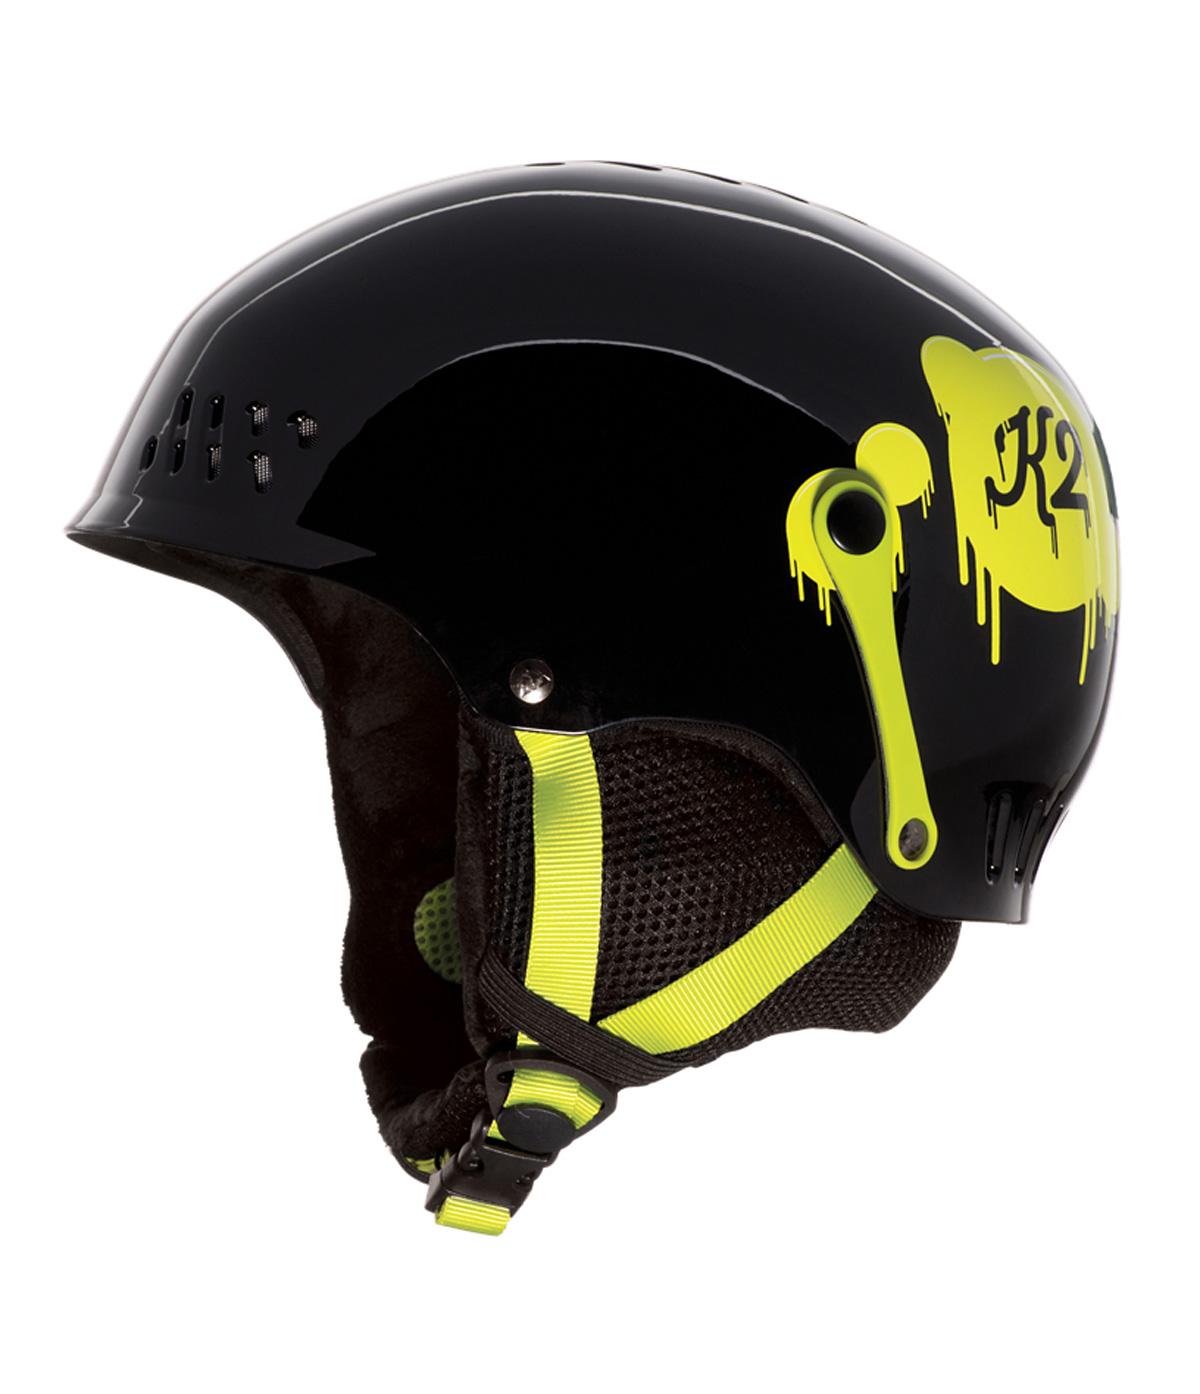 K2 Jugend Snowboardhelm - - Snowboardhelm Entity - Kinder, Ski, Skala Passform, Fahrrad 136f18